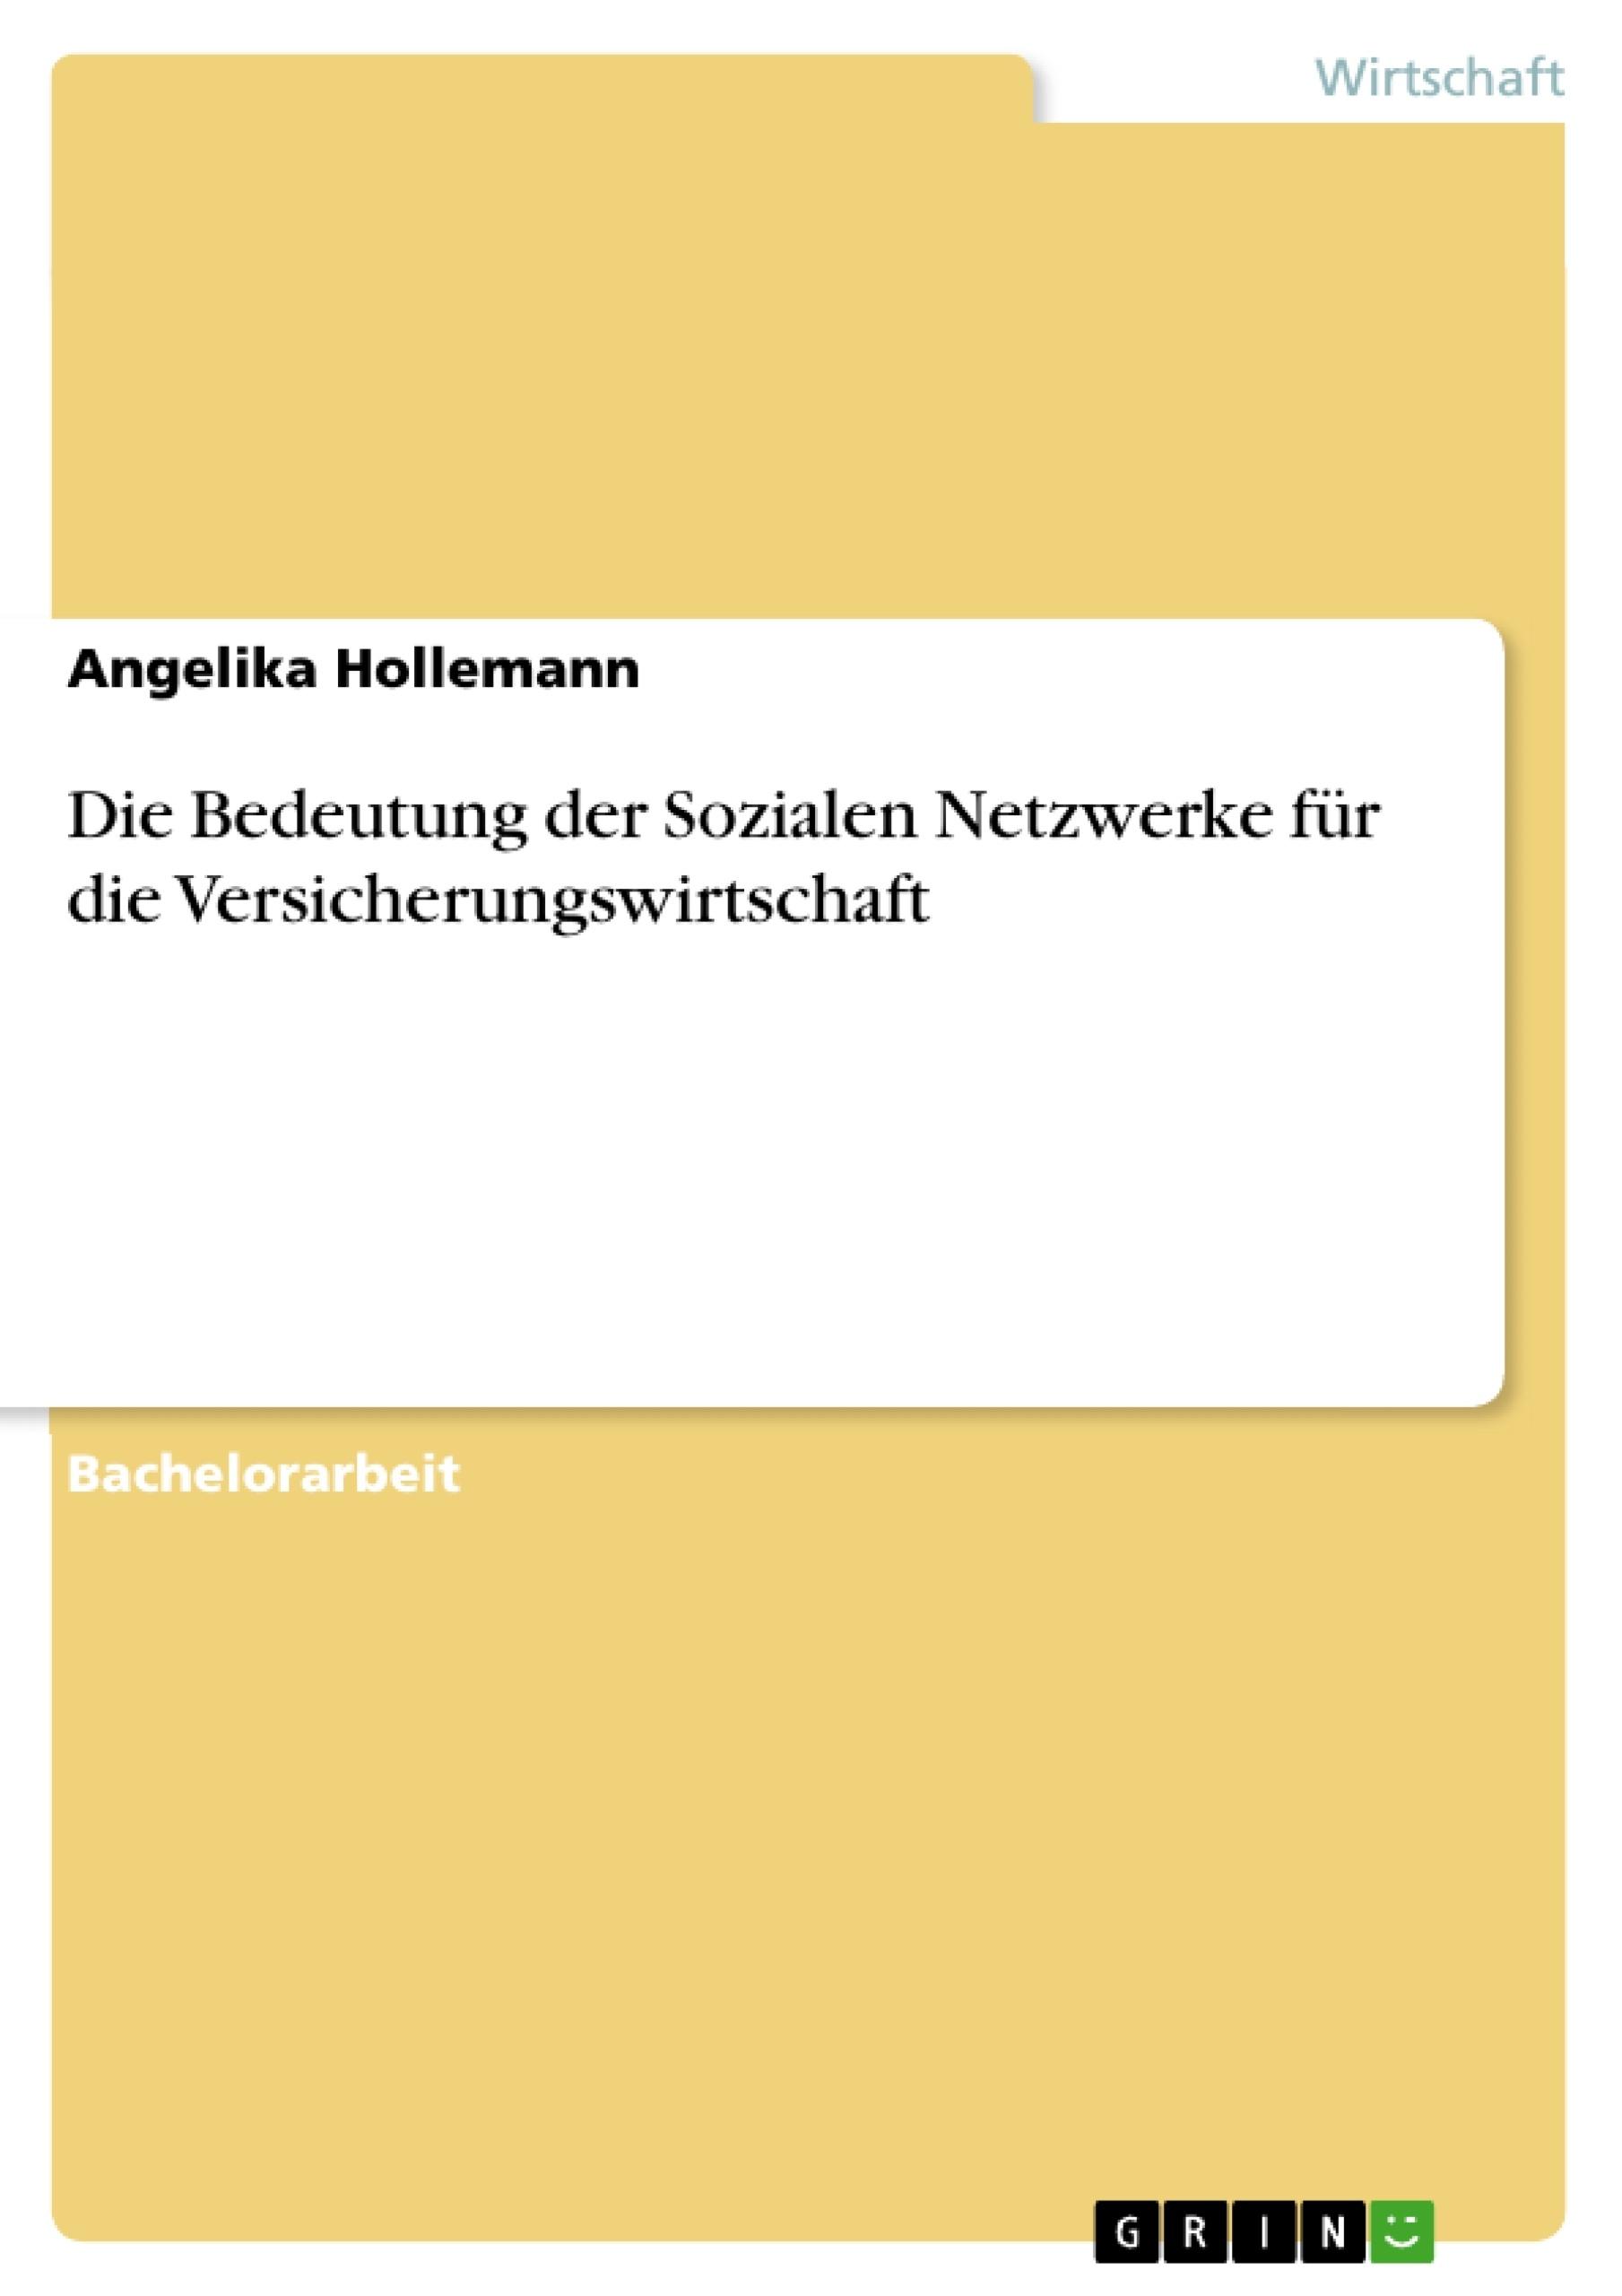 Titel: Die Bedeutung der Sozialen Netzwerke für die Versicherungswirtschaft